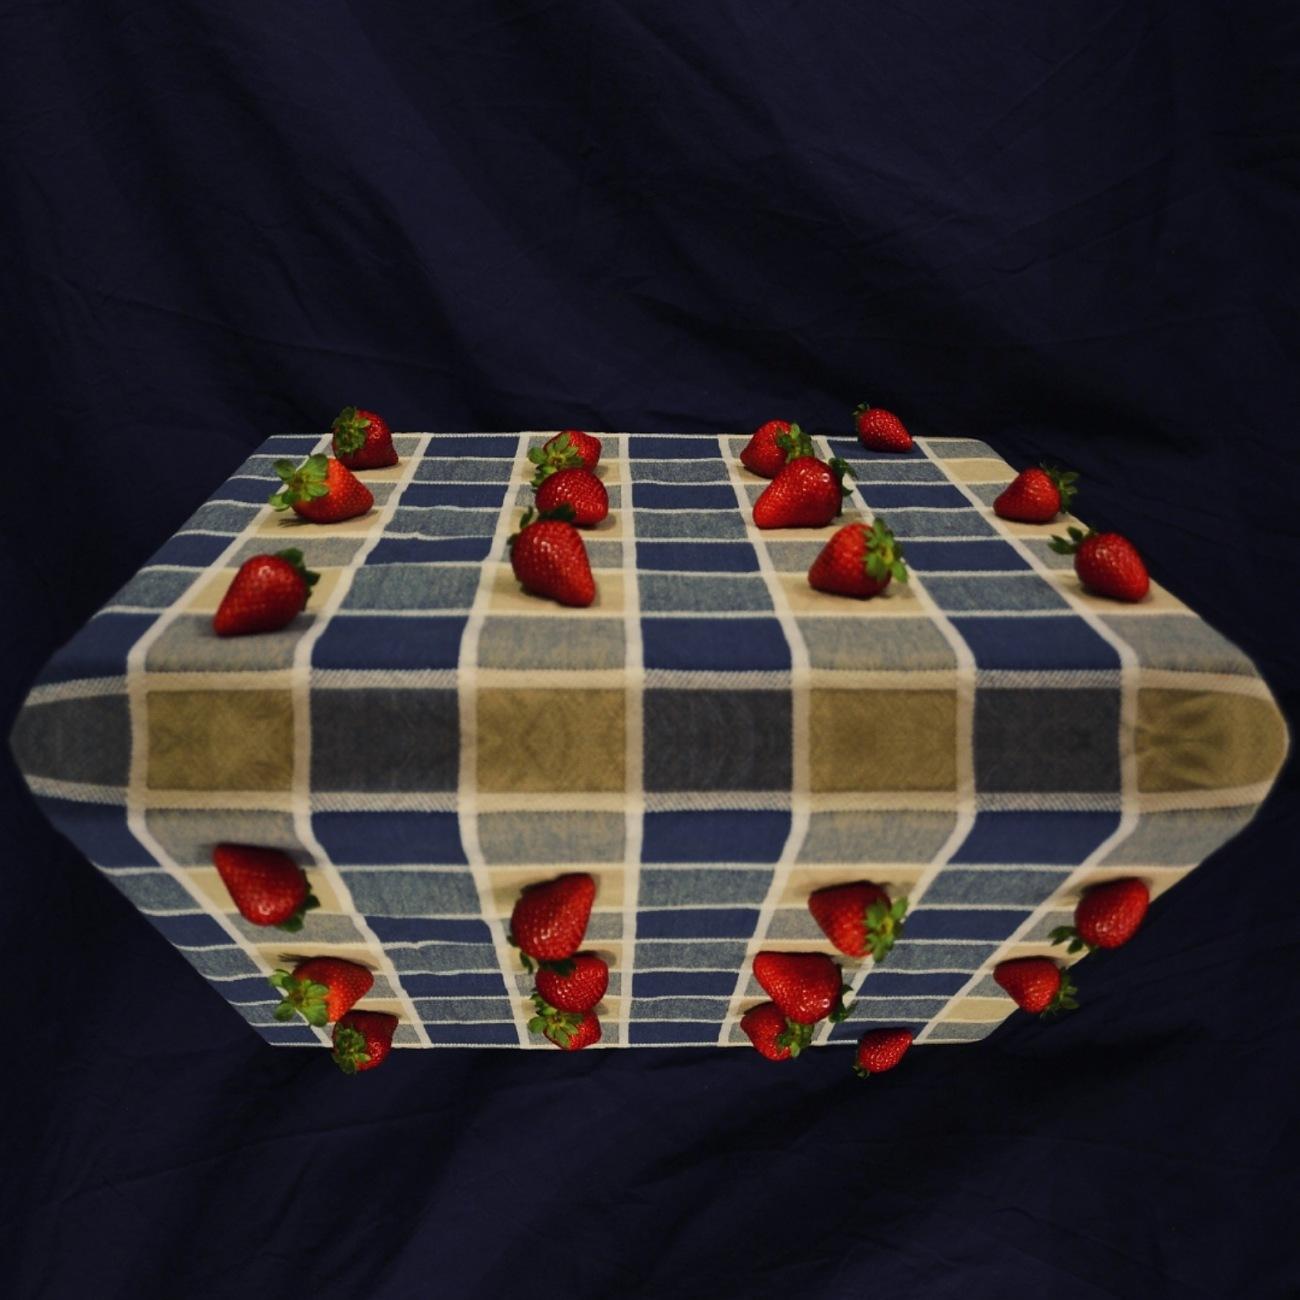 (Photocollage) Natura sola - Il distanziamento sociale delle fragole. Fotografia e manipolazione digitale di Barbara Picci